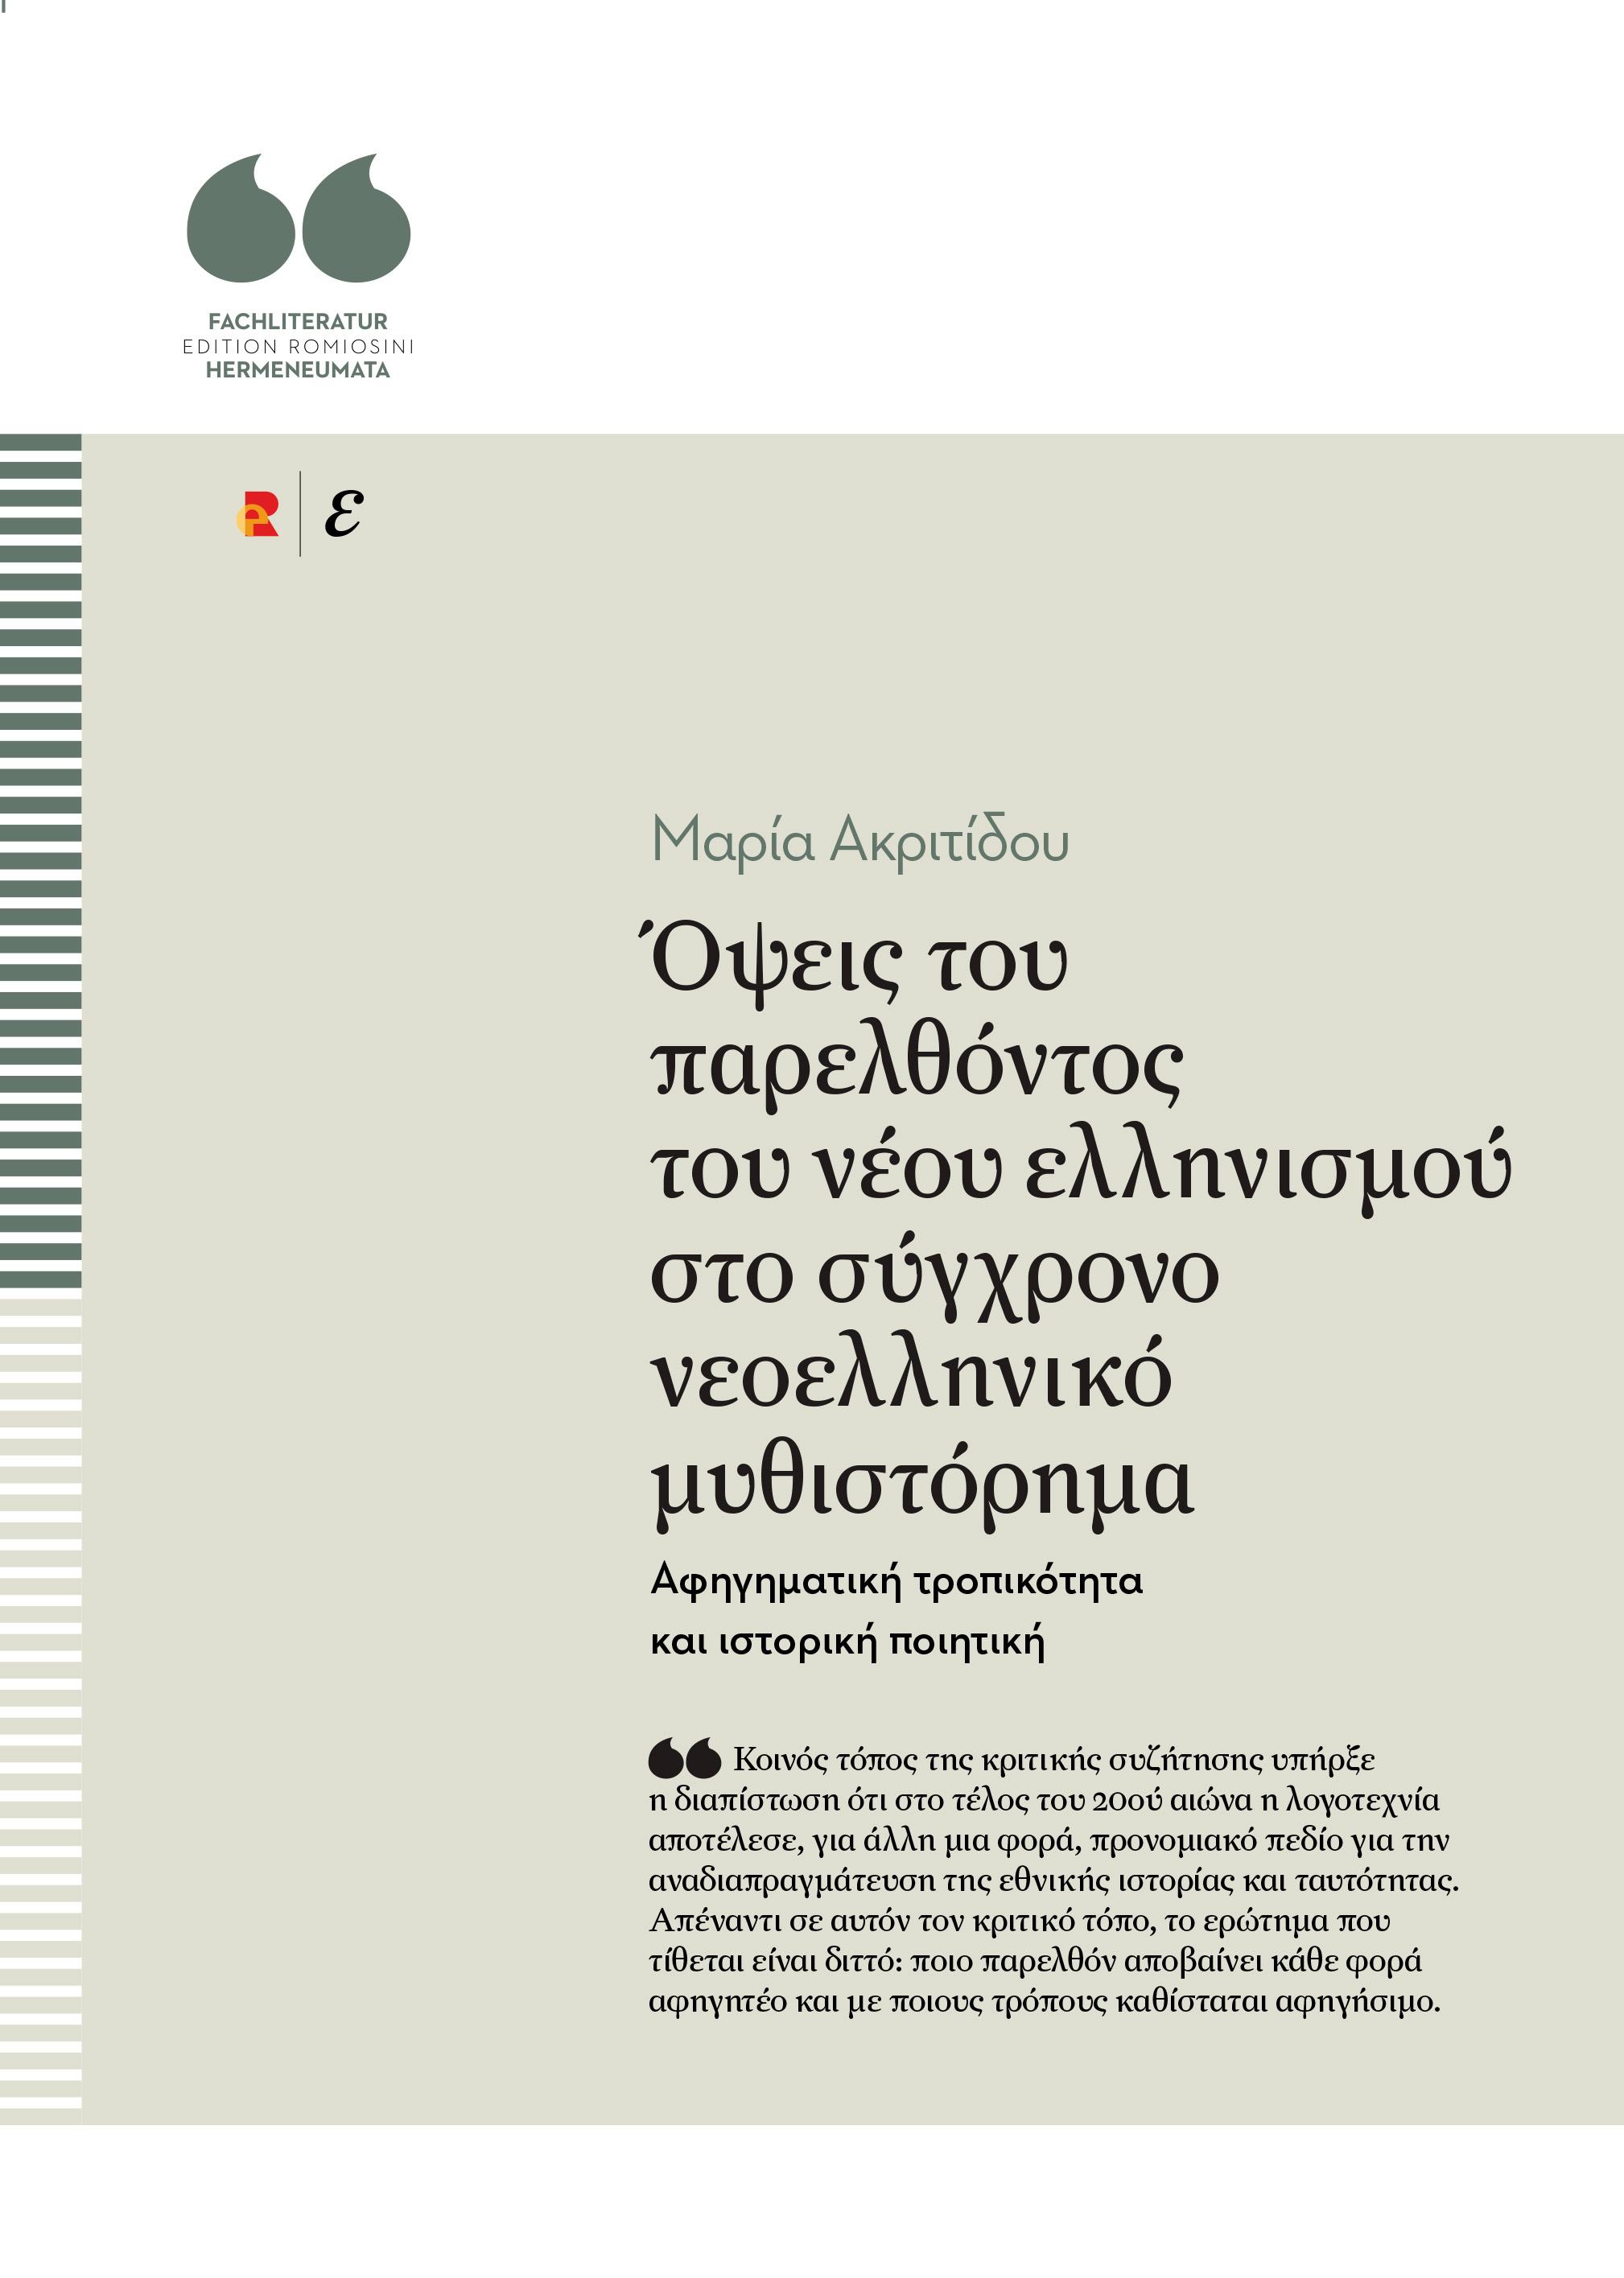 Titelbild für Όψεις του παρελθόντος του νέου ελληνισμού στο σύγχρονο νεοελληνικό μυθιστόρημα: Αφηγηματική τροπικότητα και ιστορική ποιητική